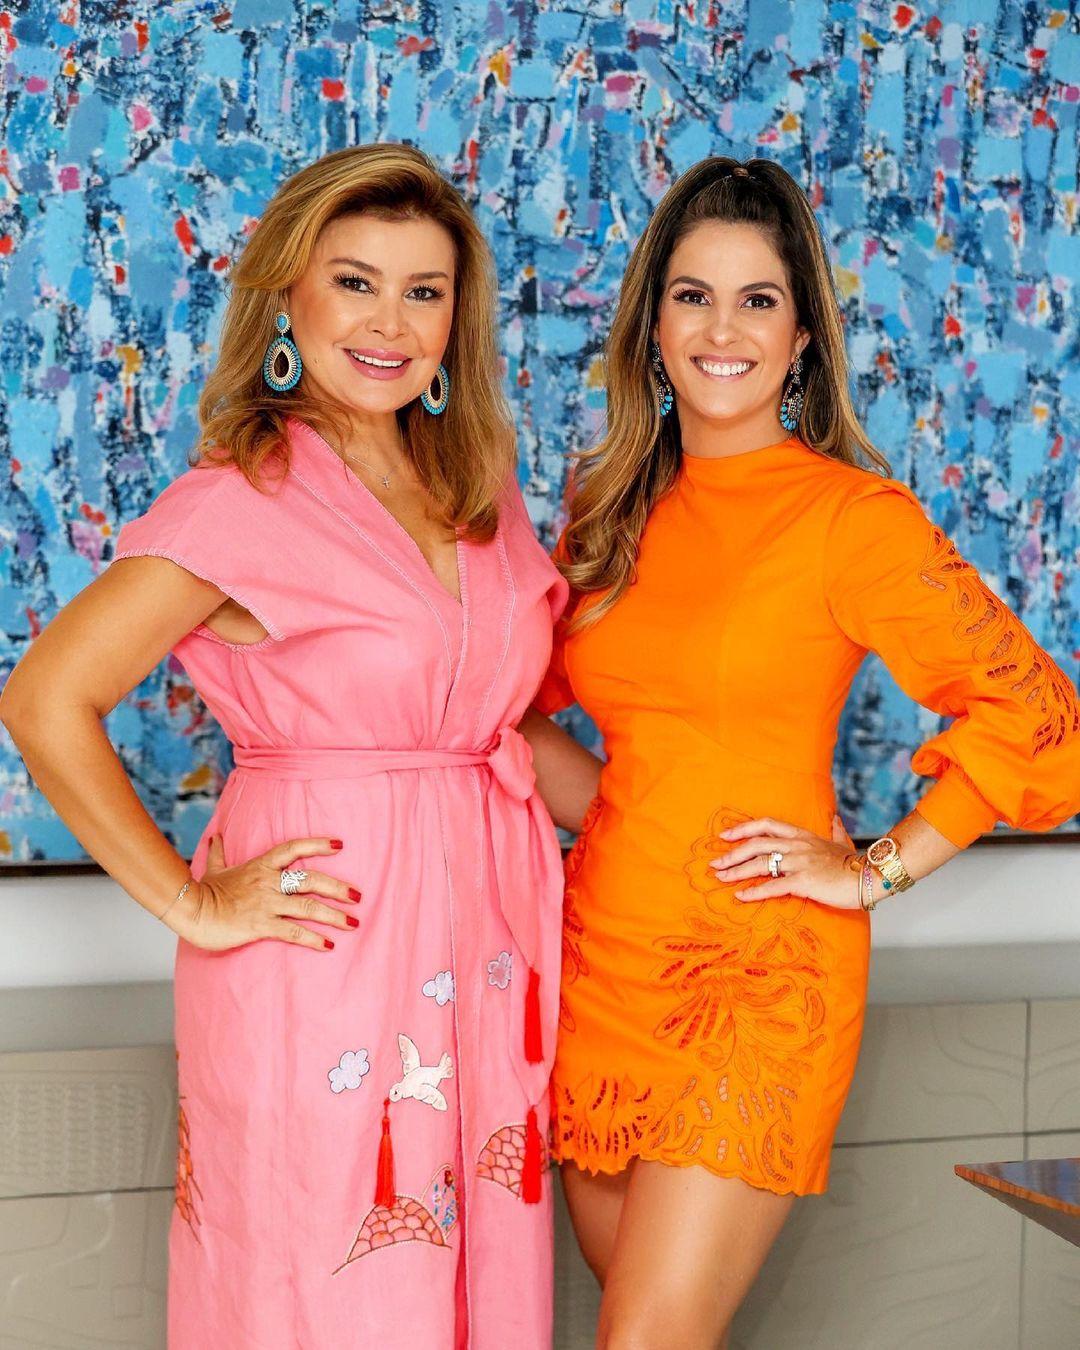 Ana Cristina Machado convidou Mariana Mota, que já era cliente da Rosá, para uma collab especial (Foto: Reprodução/Instagram)